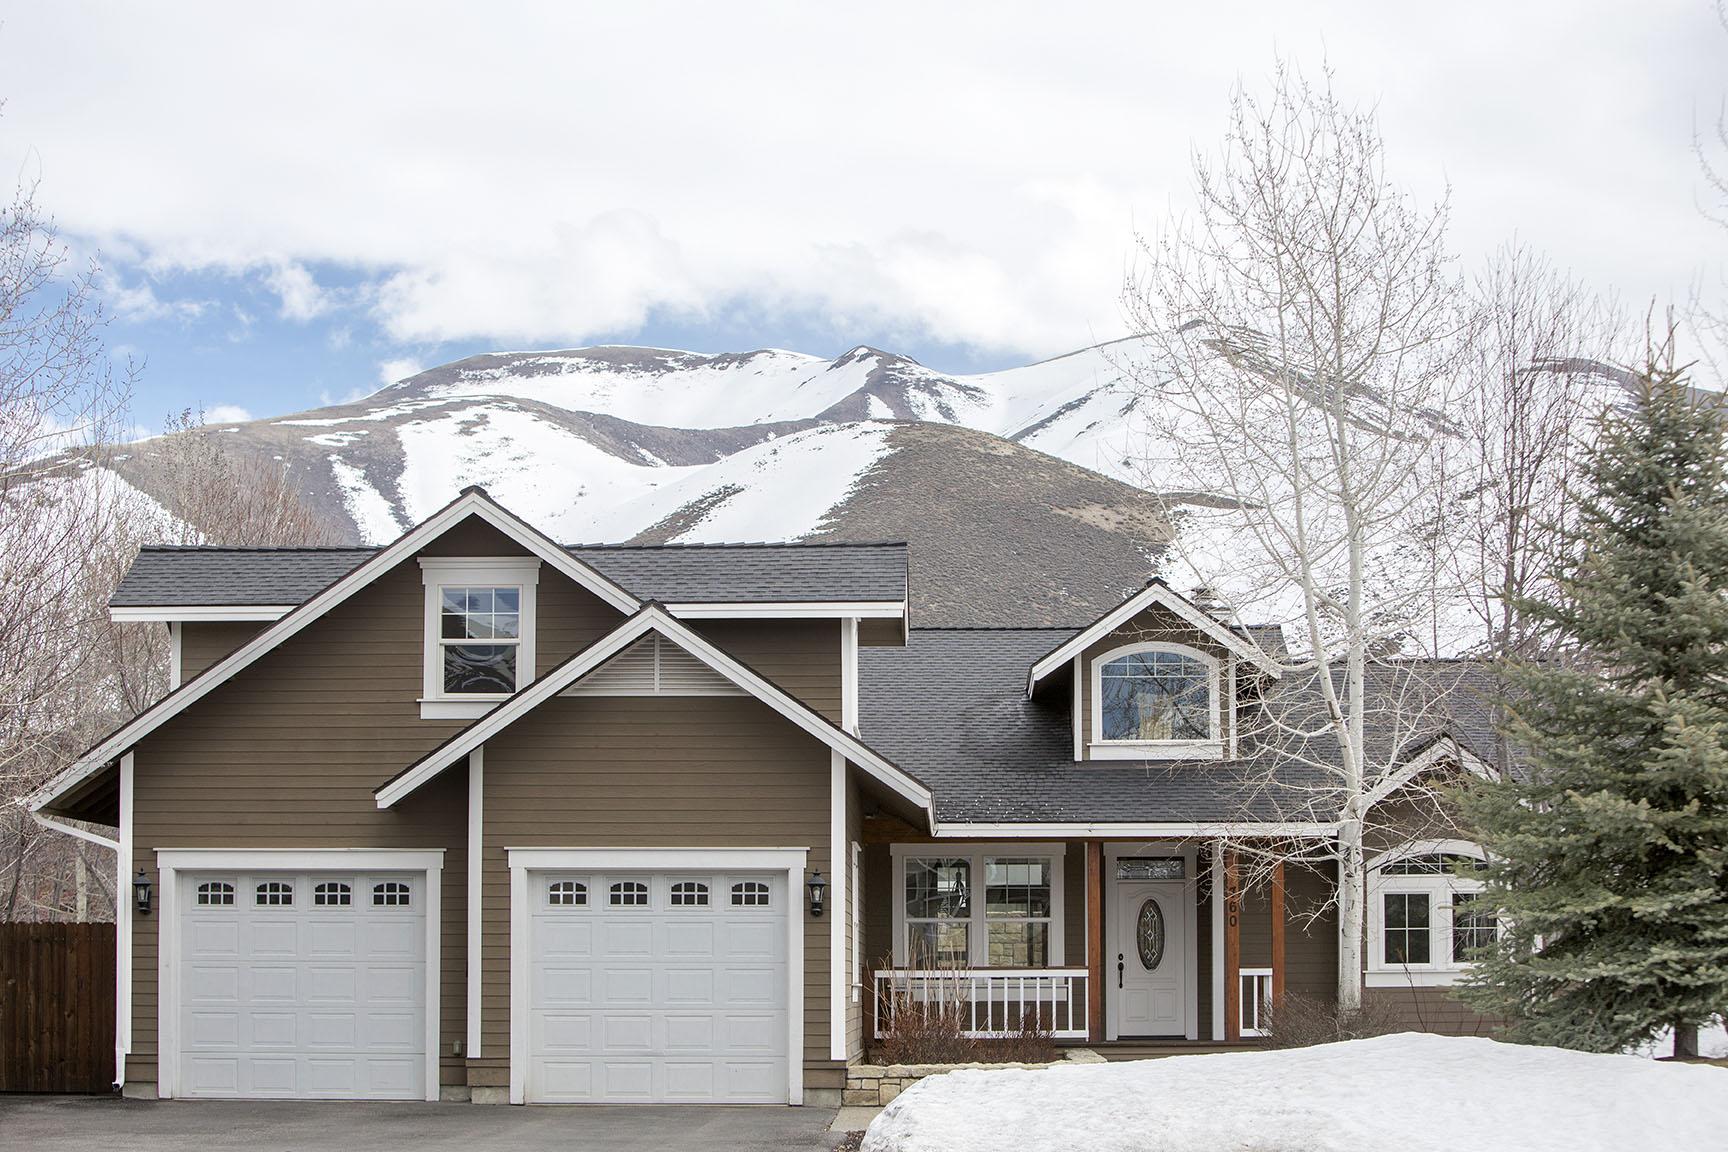 Casa Unifamiliar por un Venta en Fine Craftsmanship with lots of style 760 Eastridge Dr Hailey, Idaho, 83333 Estados Unidos